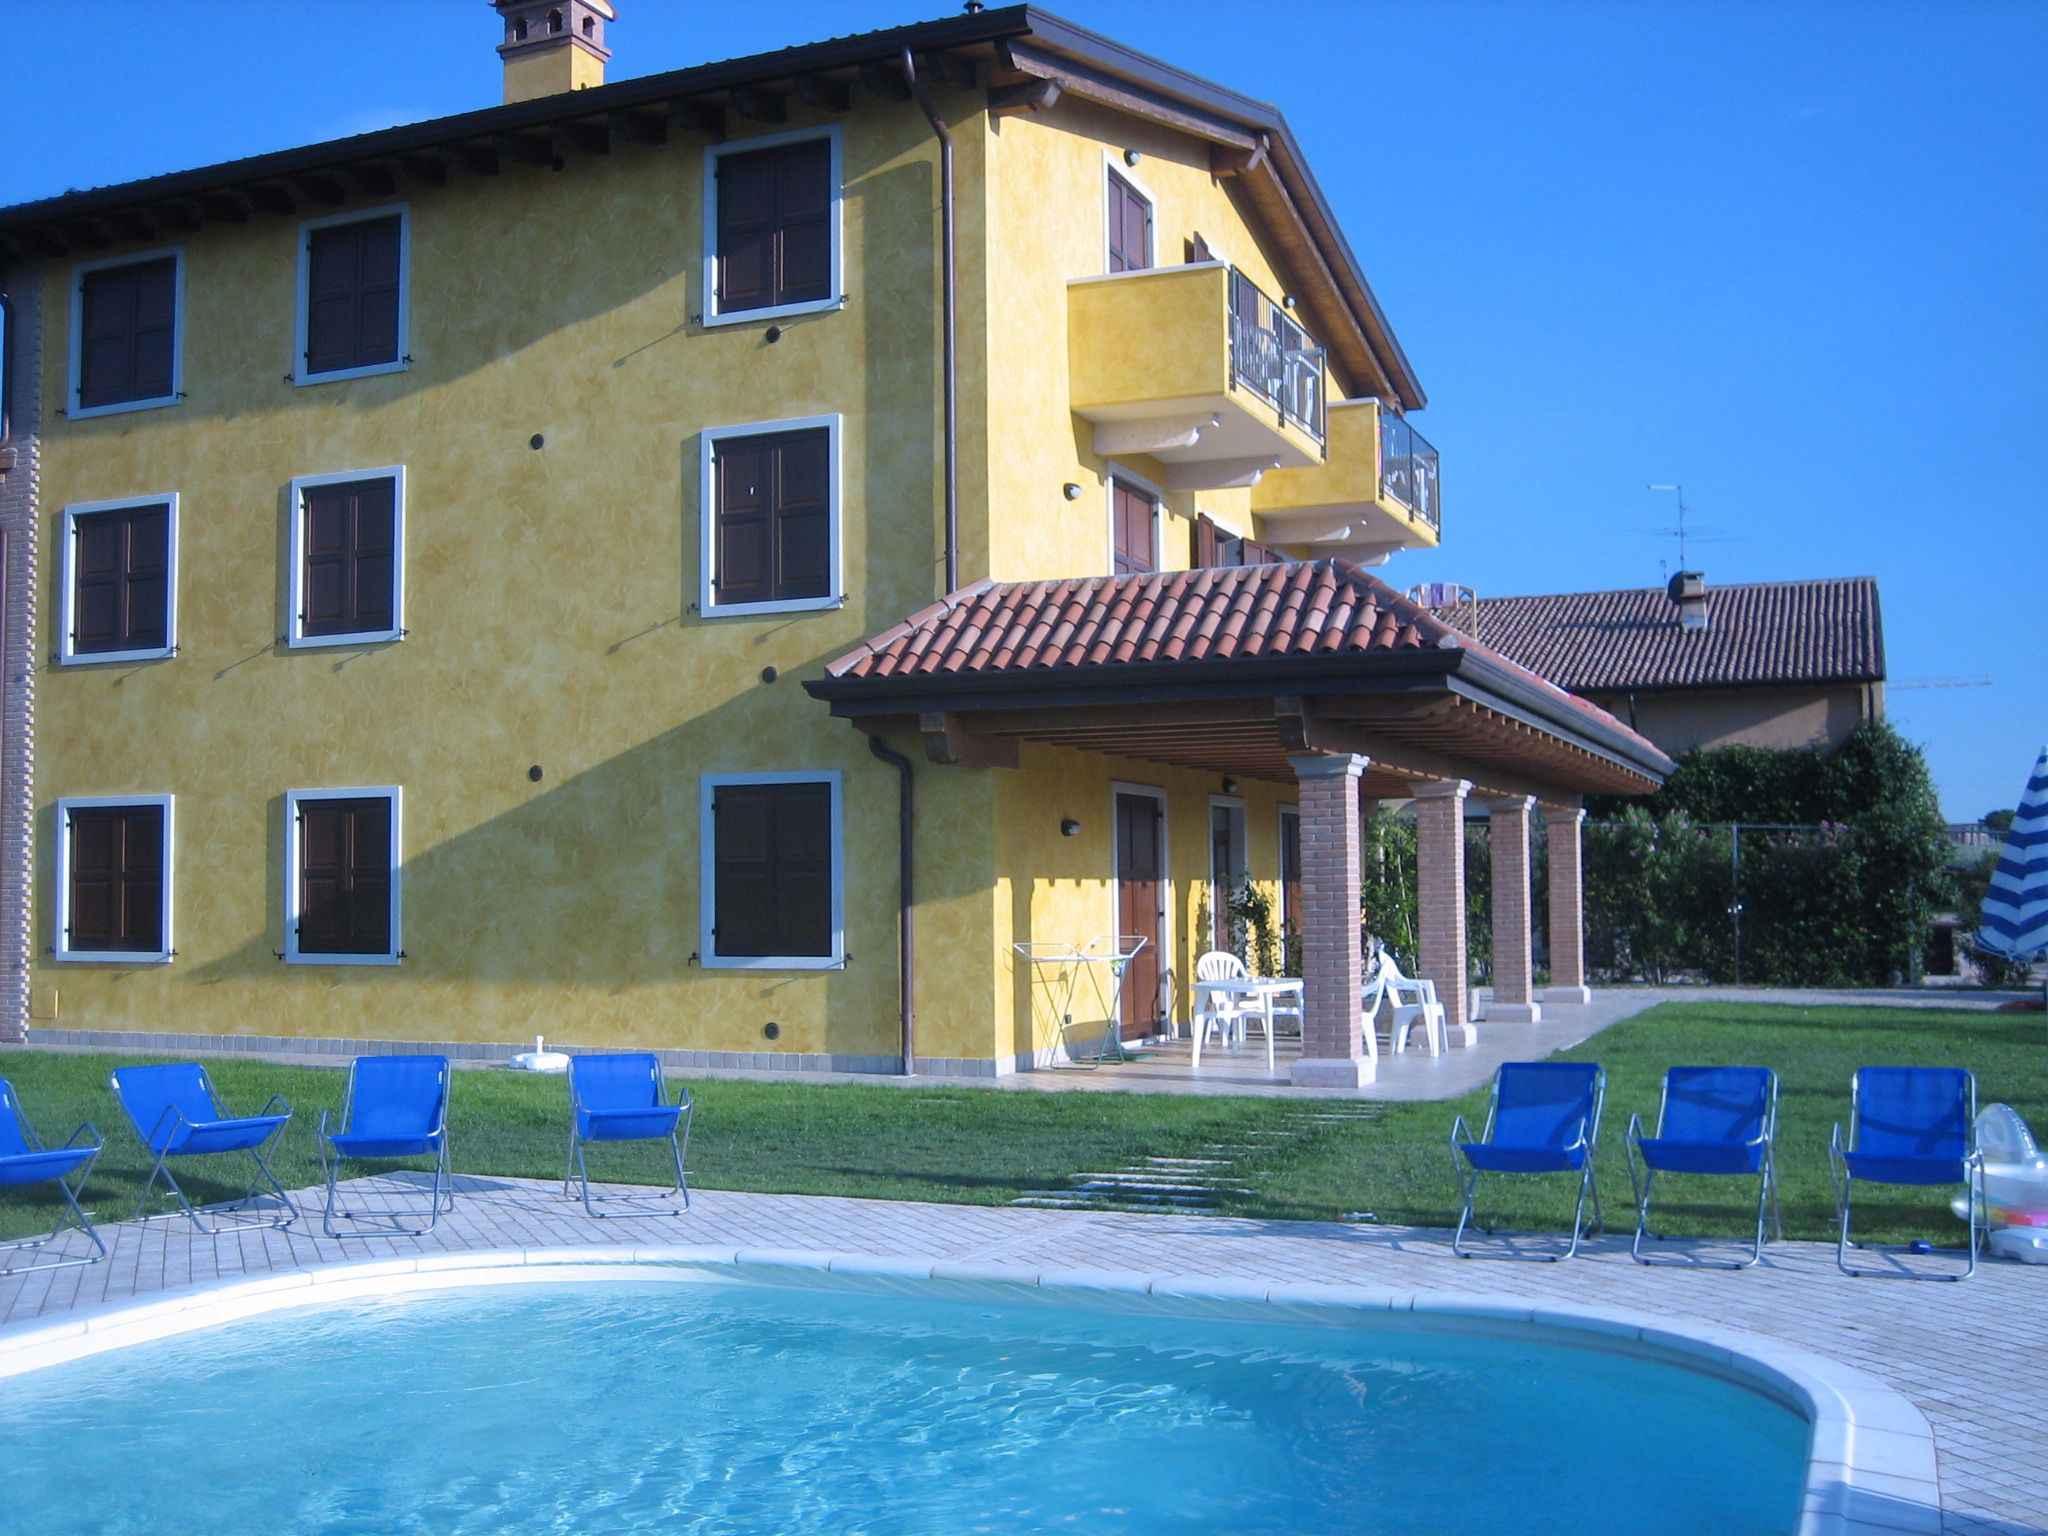 Ferienwohnung mit Pool (279621), Lazise, Gardasee, Venetien, Italien, Bild 4